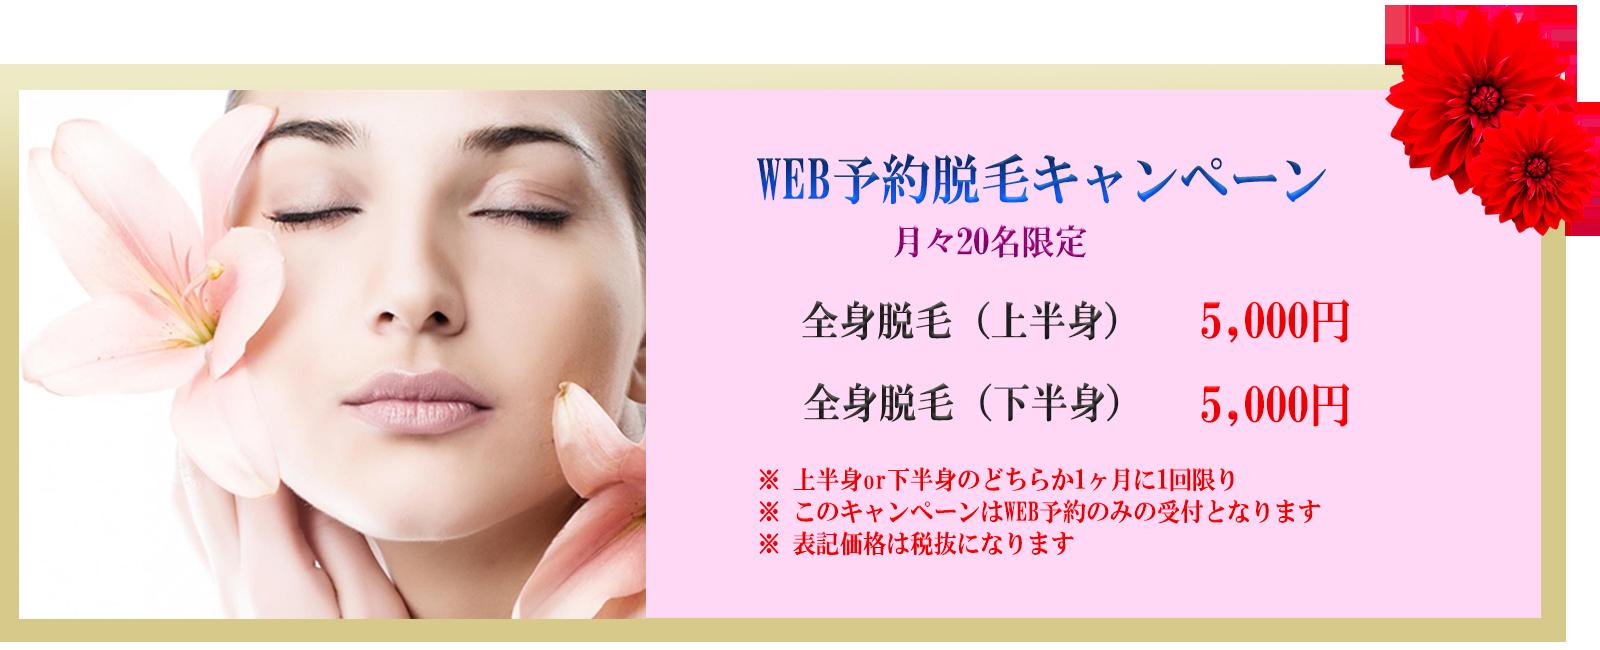 WEB予約脱毛キャンペーン